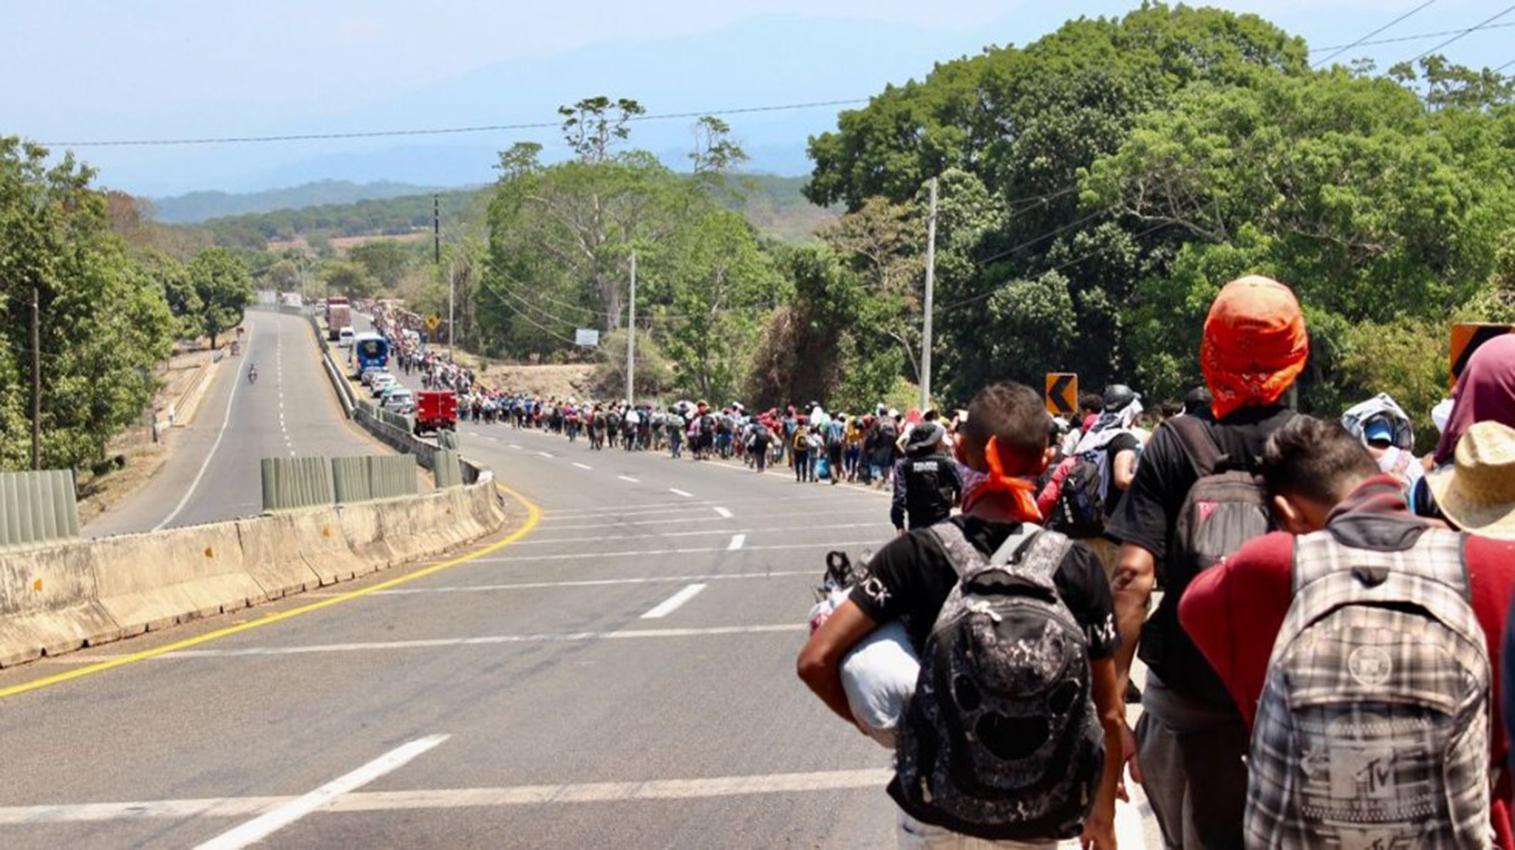 México bloquea cuentas de traficantes de personas ligados a caravanas de migrantes